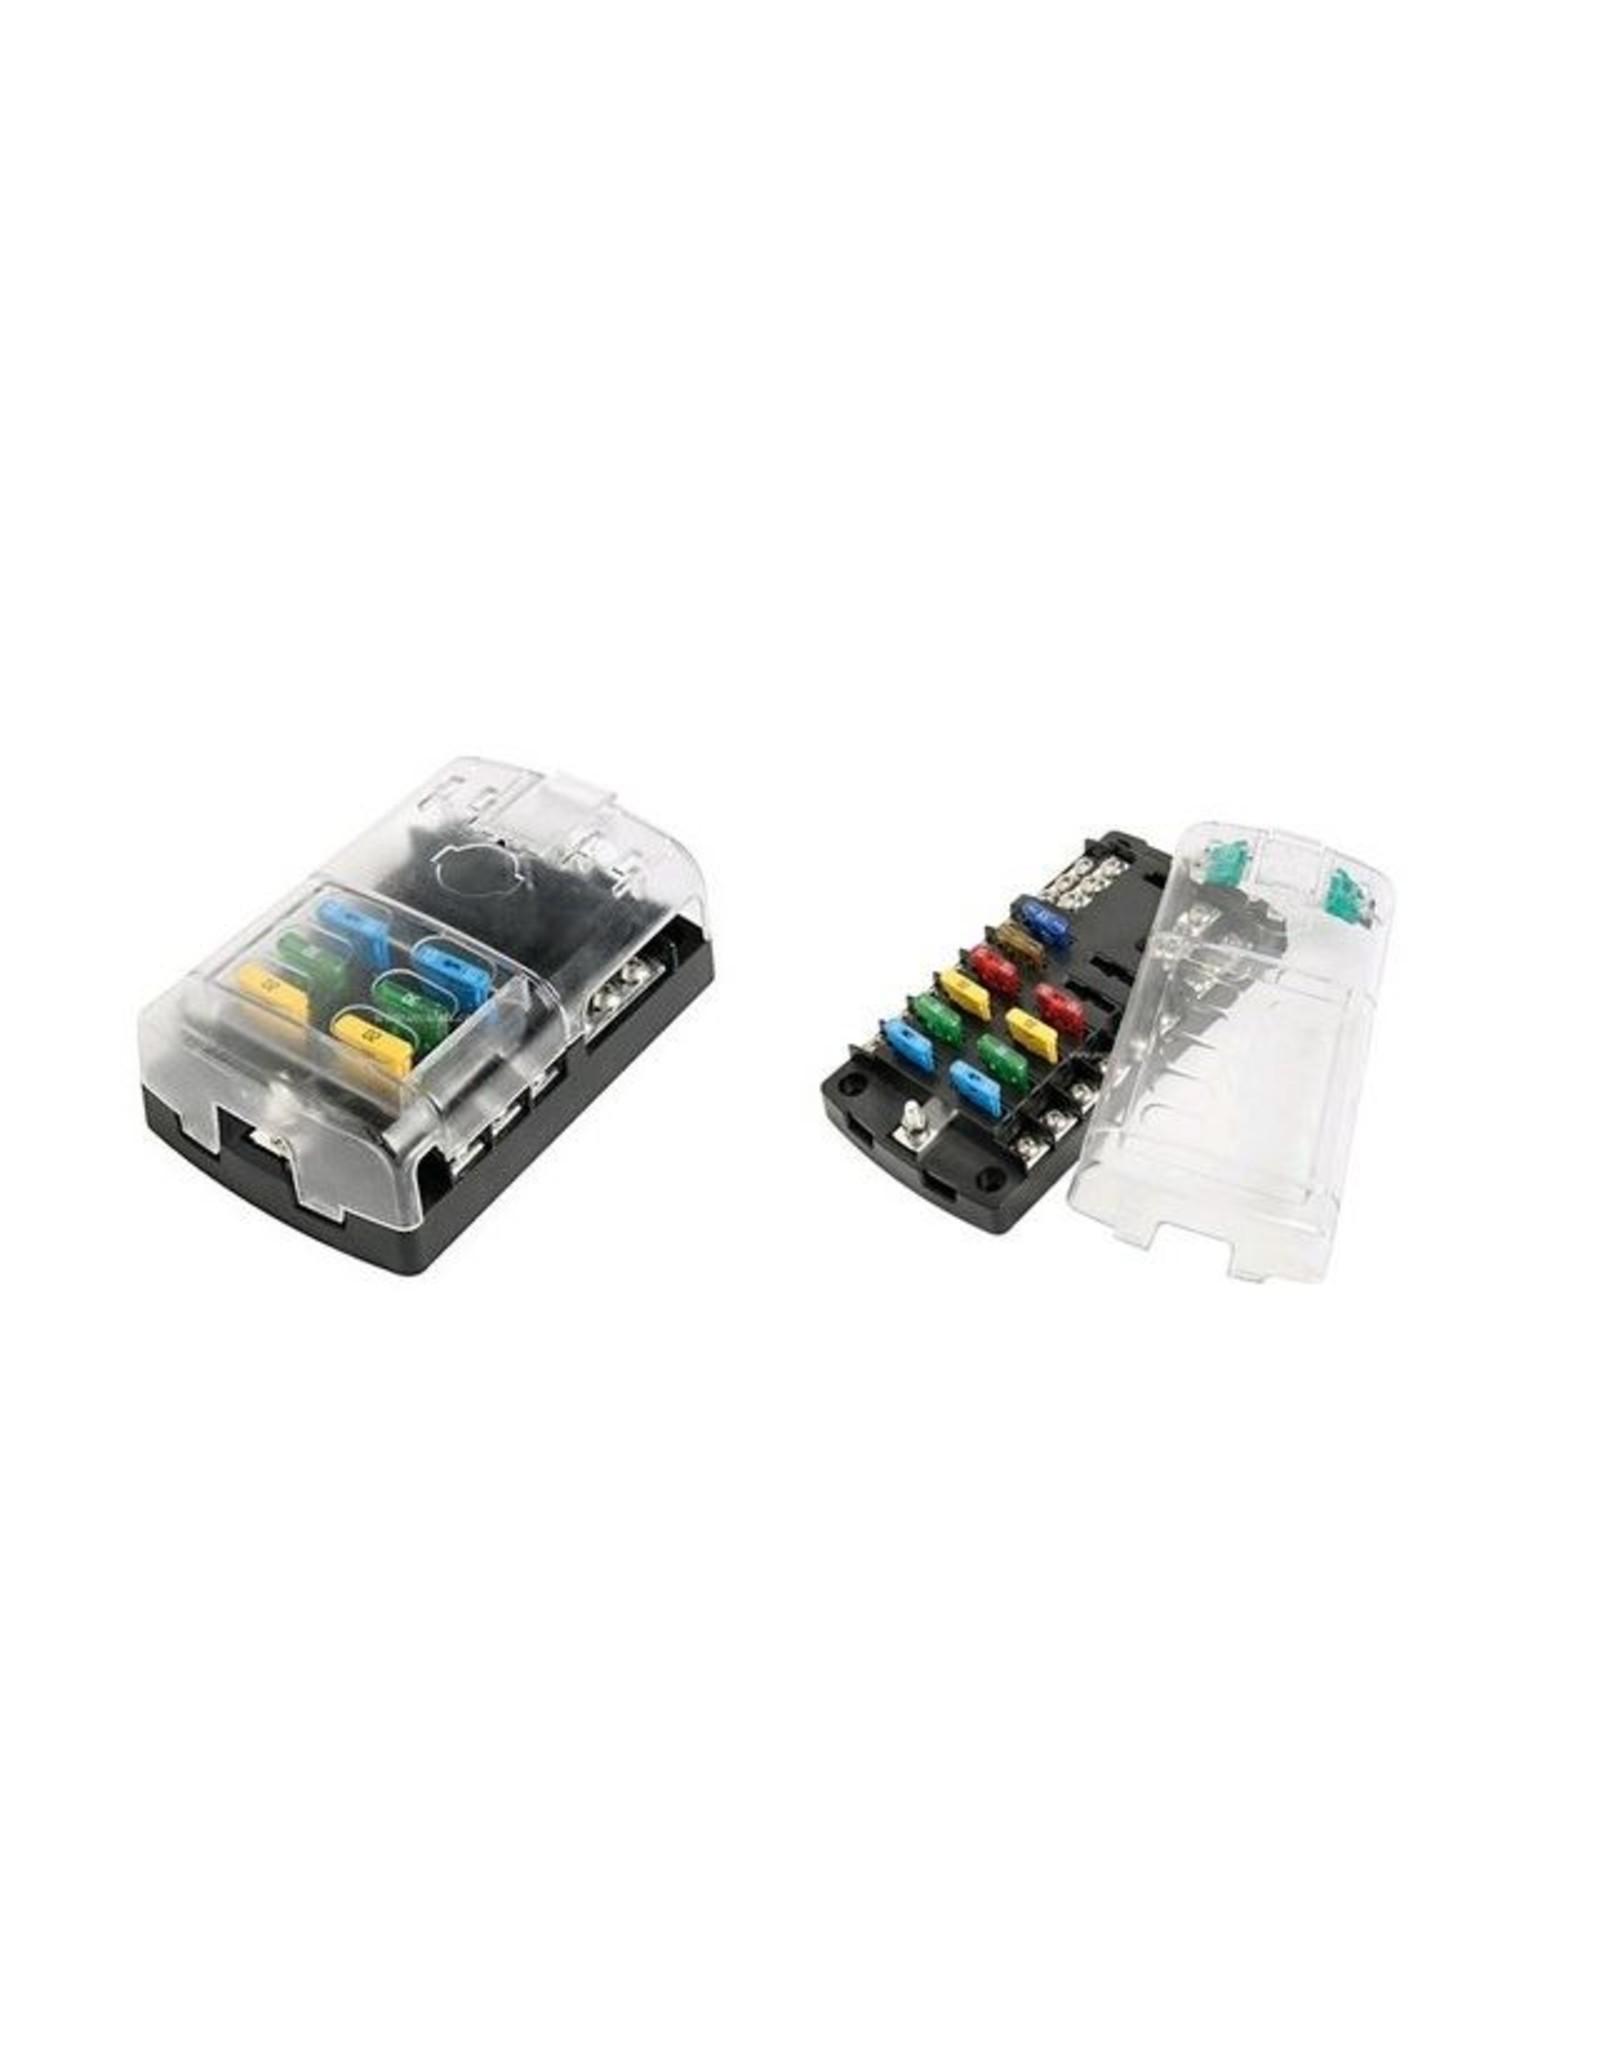 Zekering houder box 6 en 12 aansluitingen